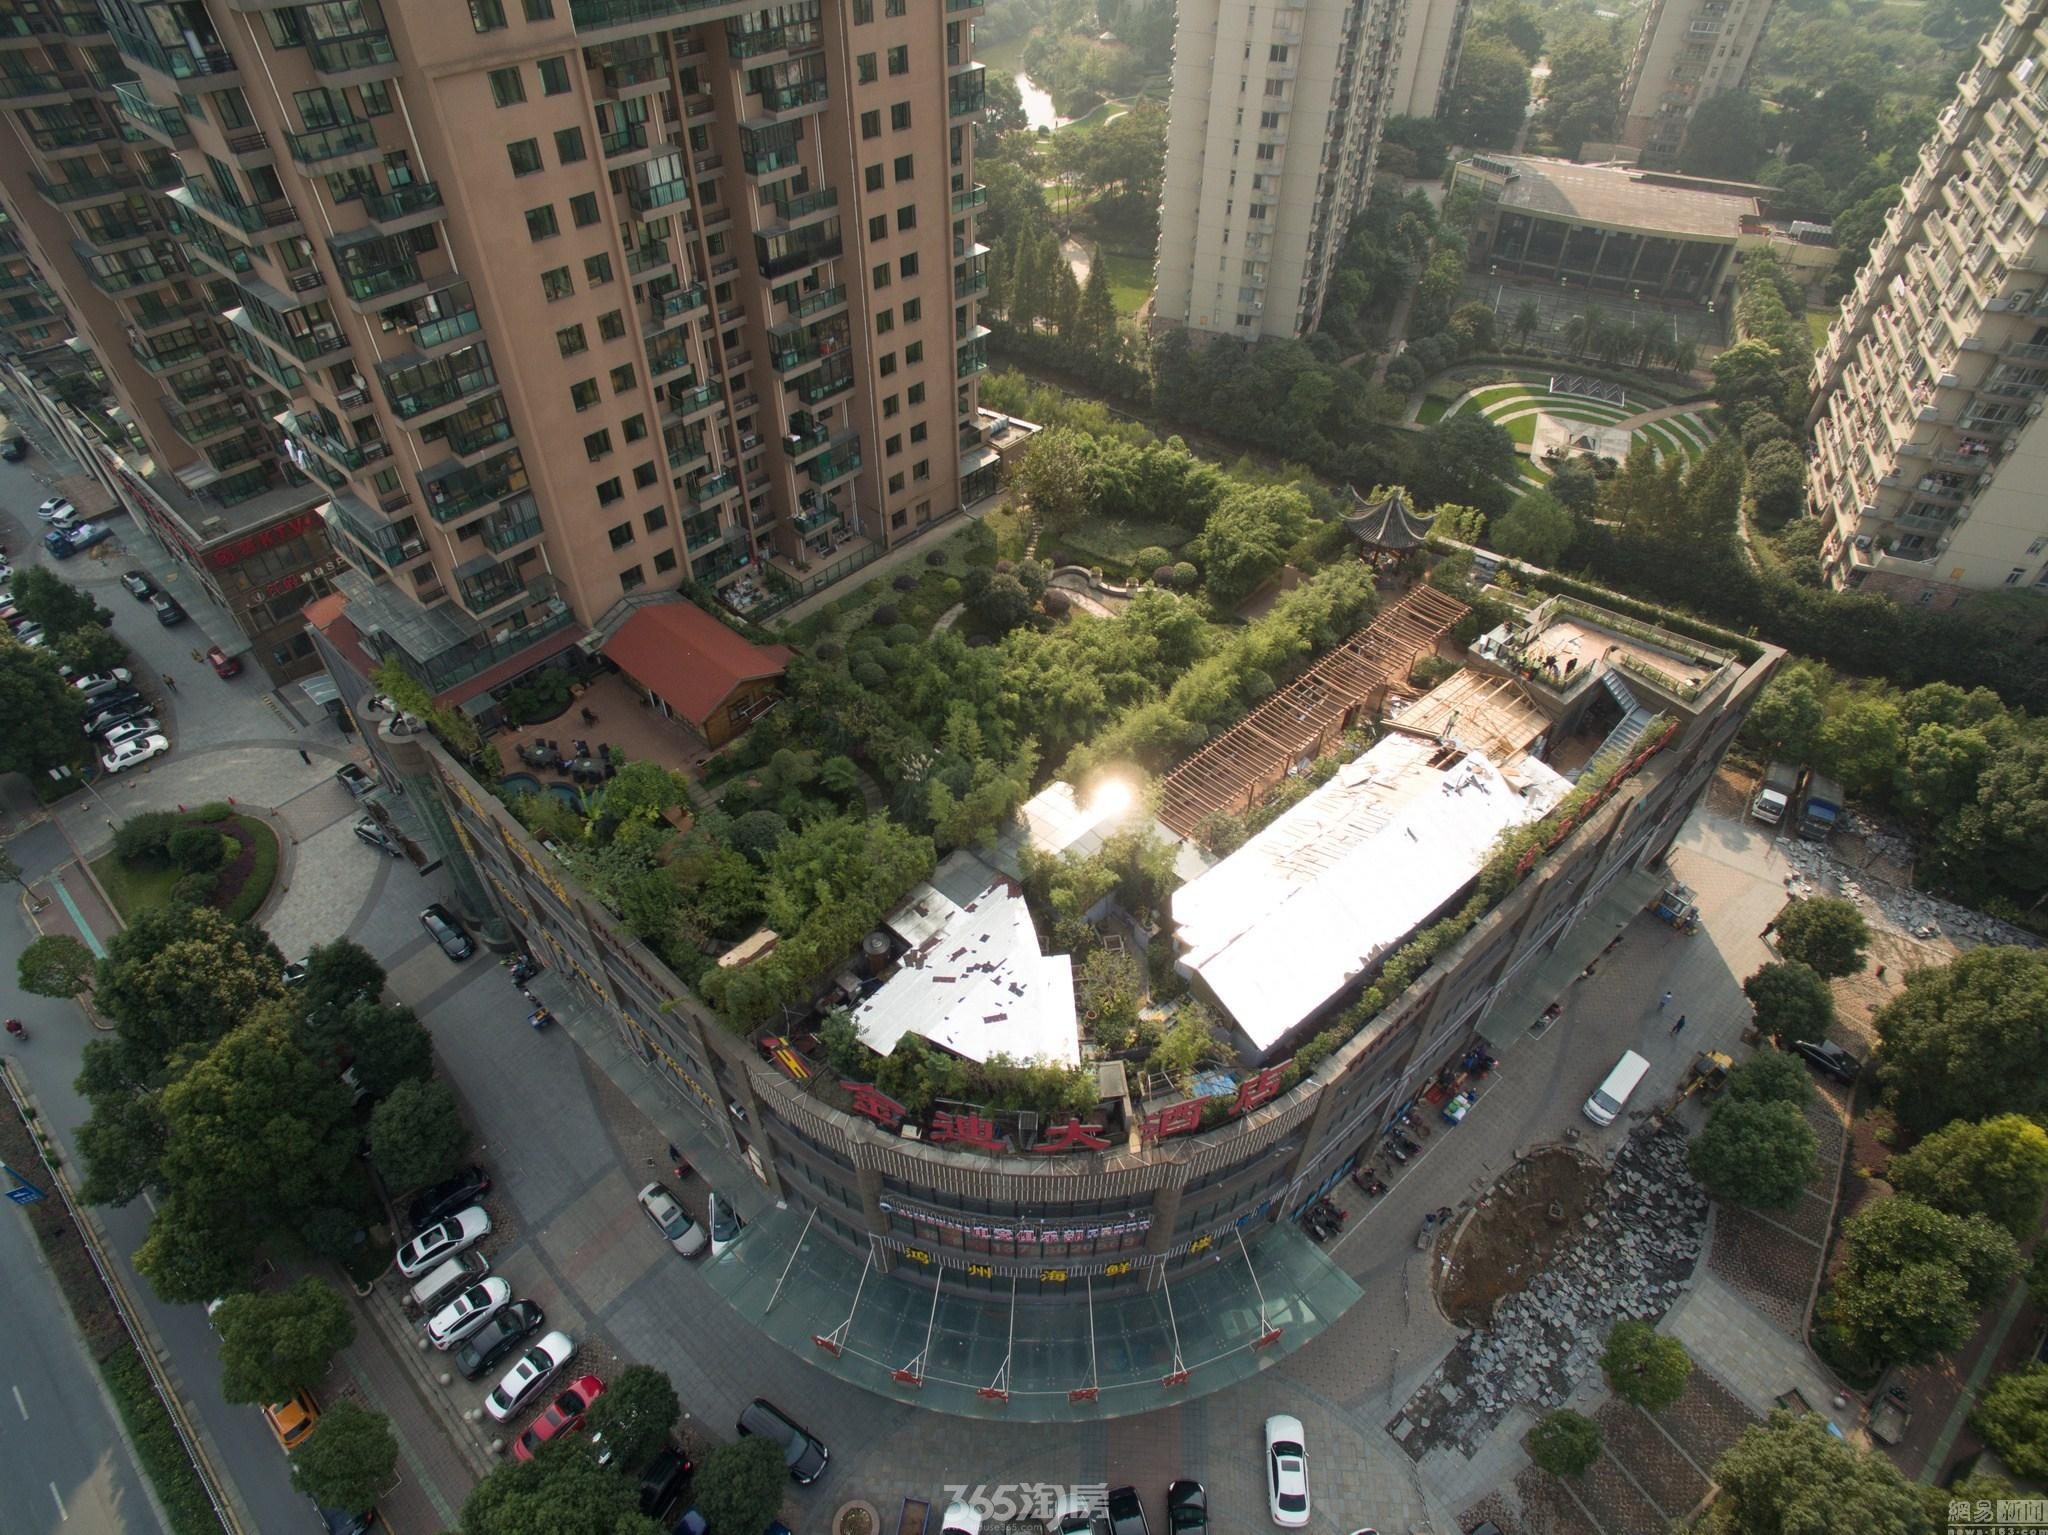 """一小区建超300平米""""空中后花园"""" 执法部门拆违(图)"""